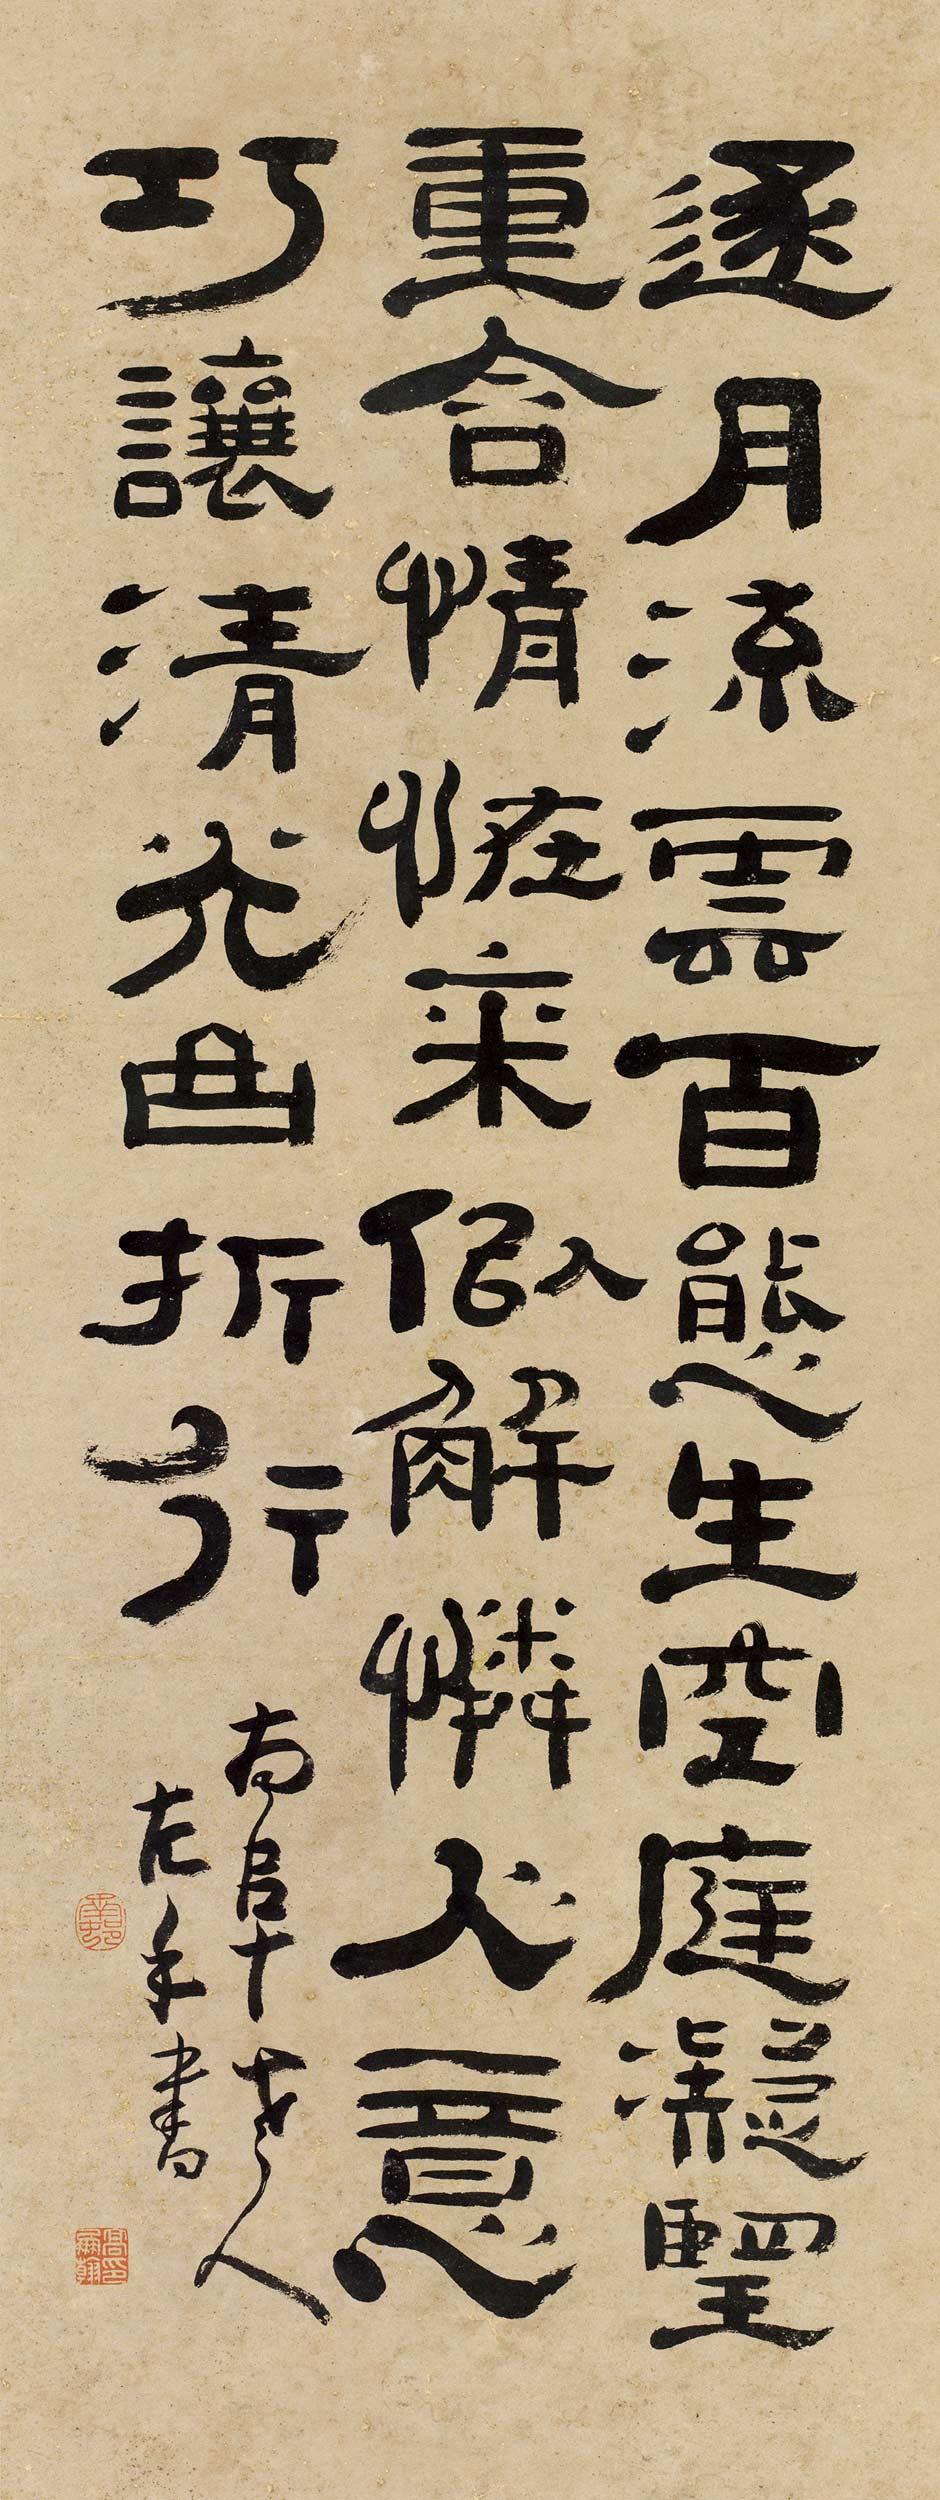 高凤翰-隶书七言诗作品成交价:300000元